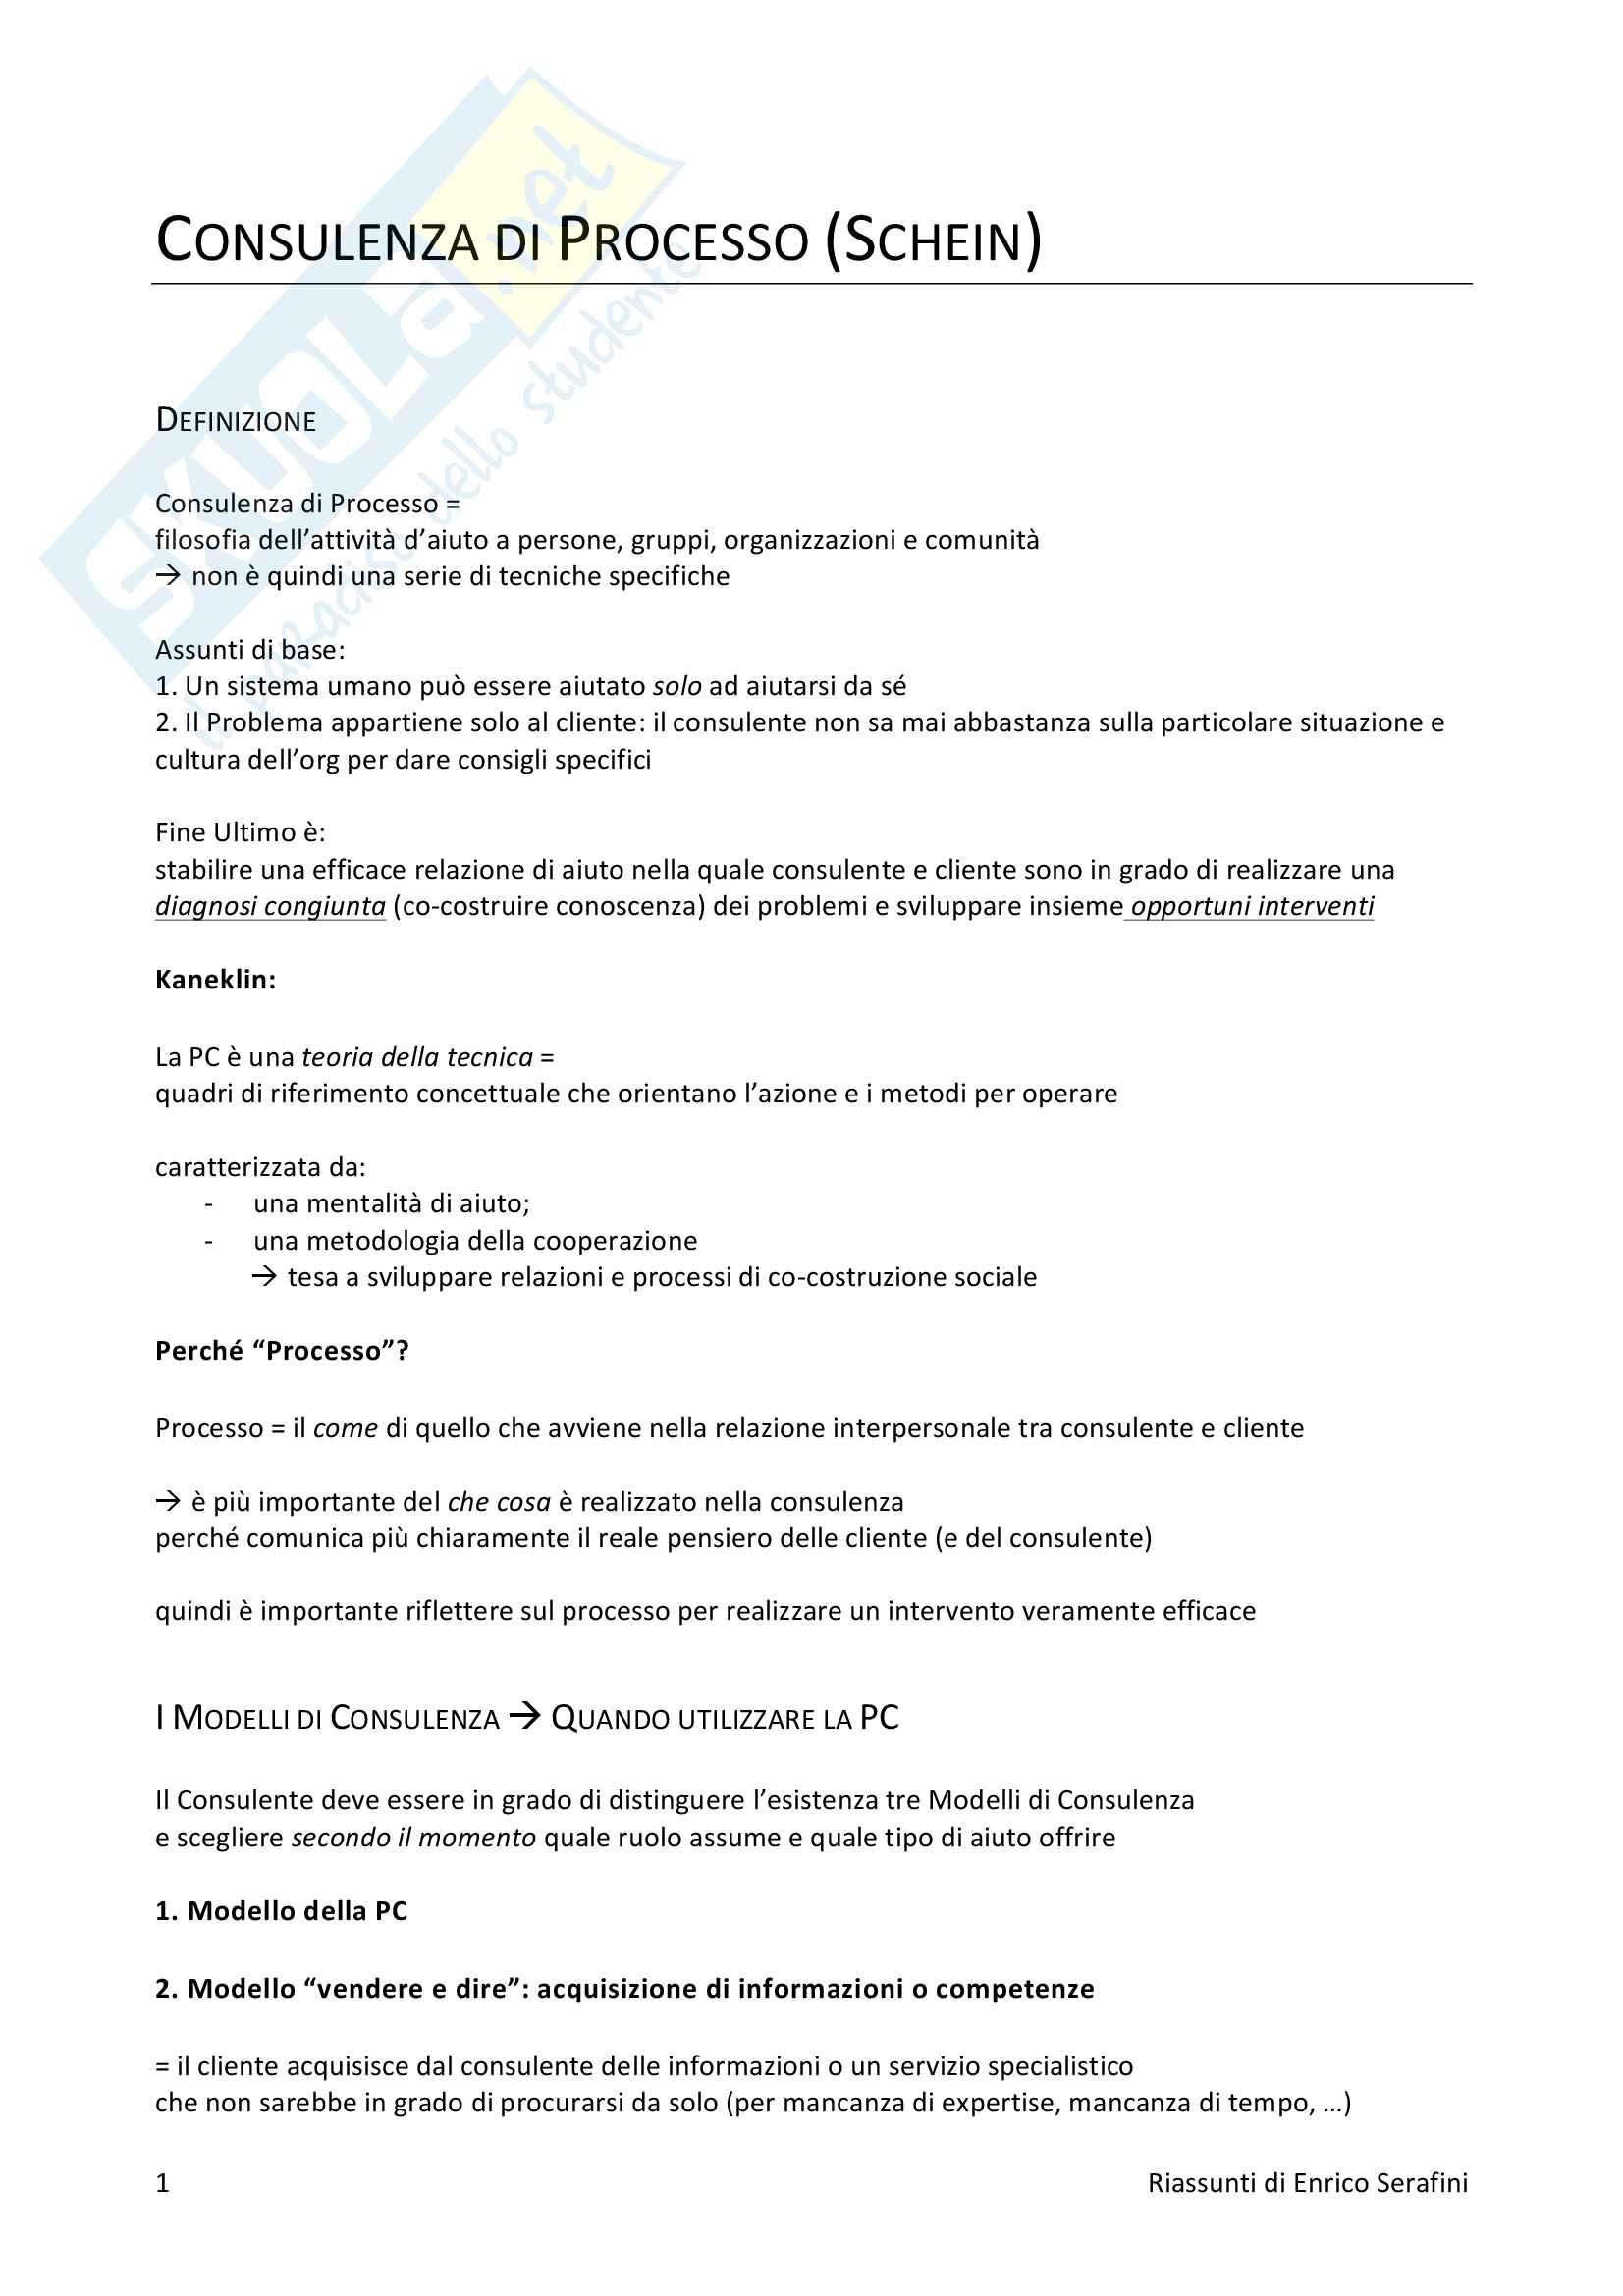 Riassunto esame Metodi e tecniche della consulenza di processo, docente Maritan, libro consigliato La consulenza di processo, Schein